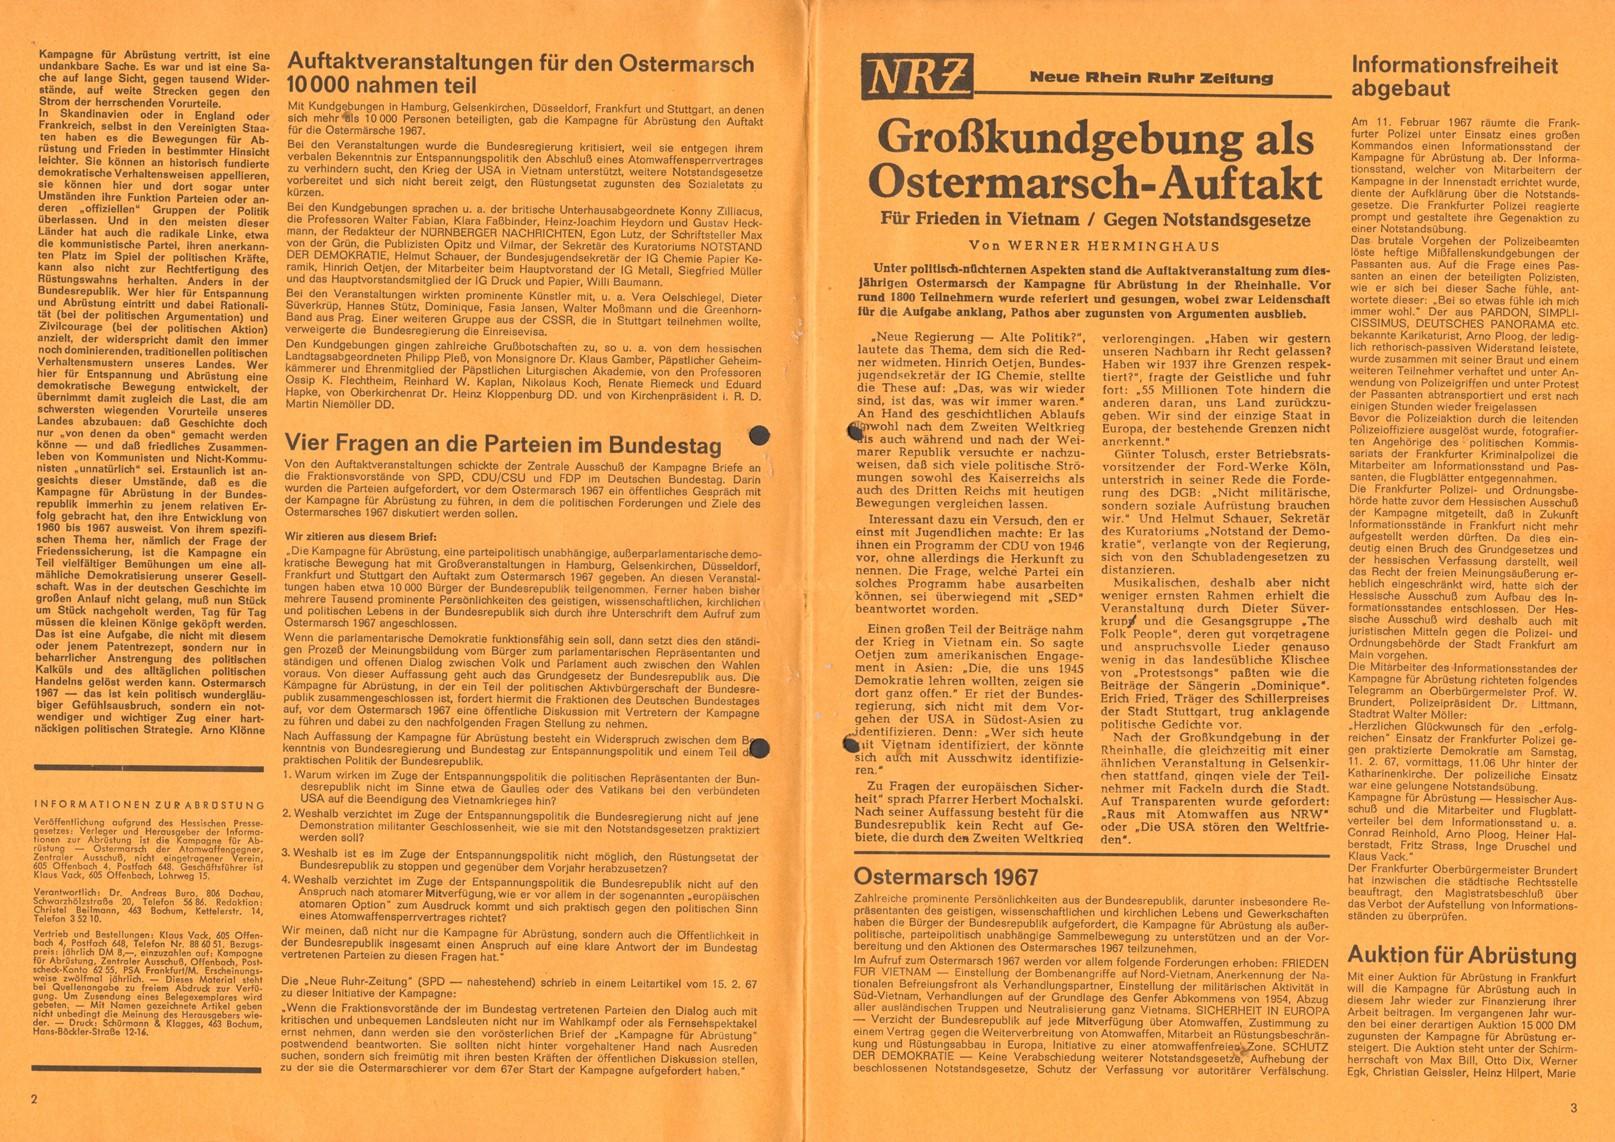 Informationen_zur_Abruestung_1967_044_002